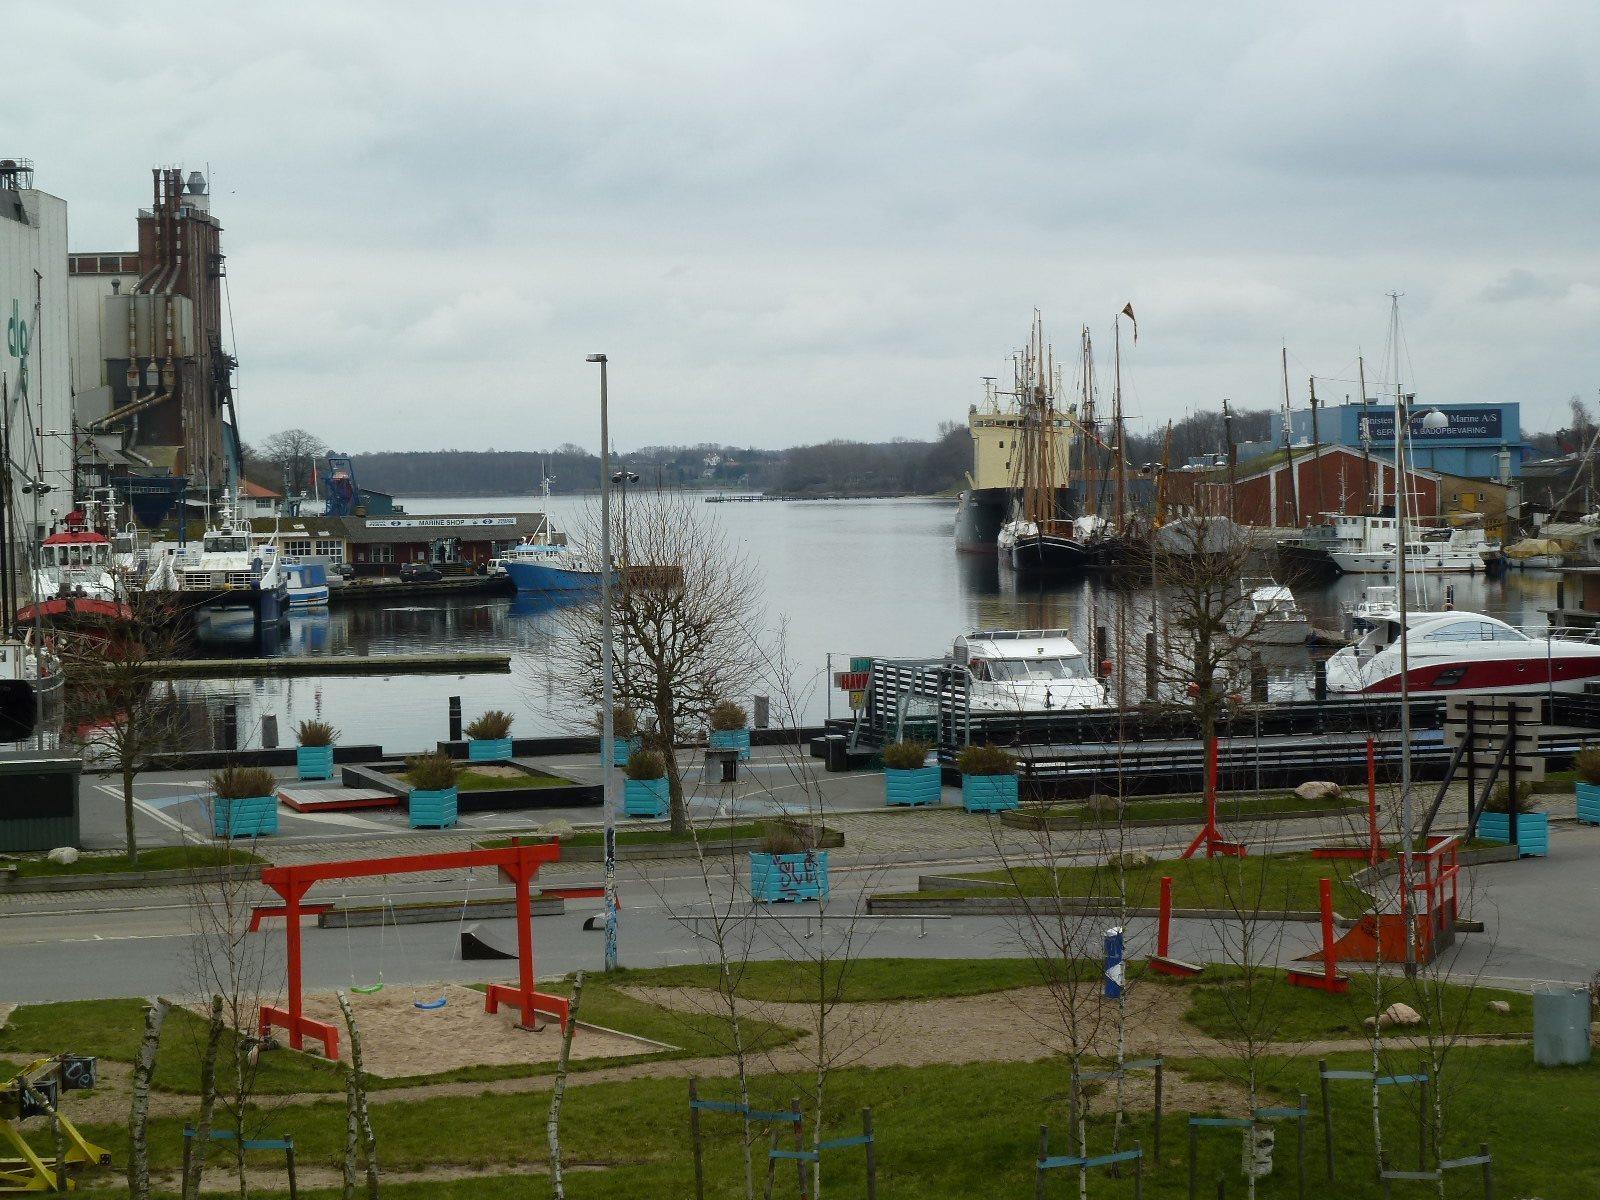 Bolig/erhverv på Havnegade i Svendborg - Andet